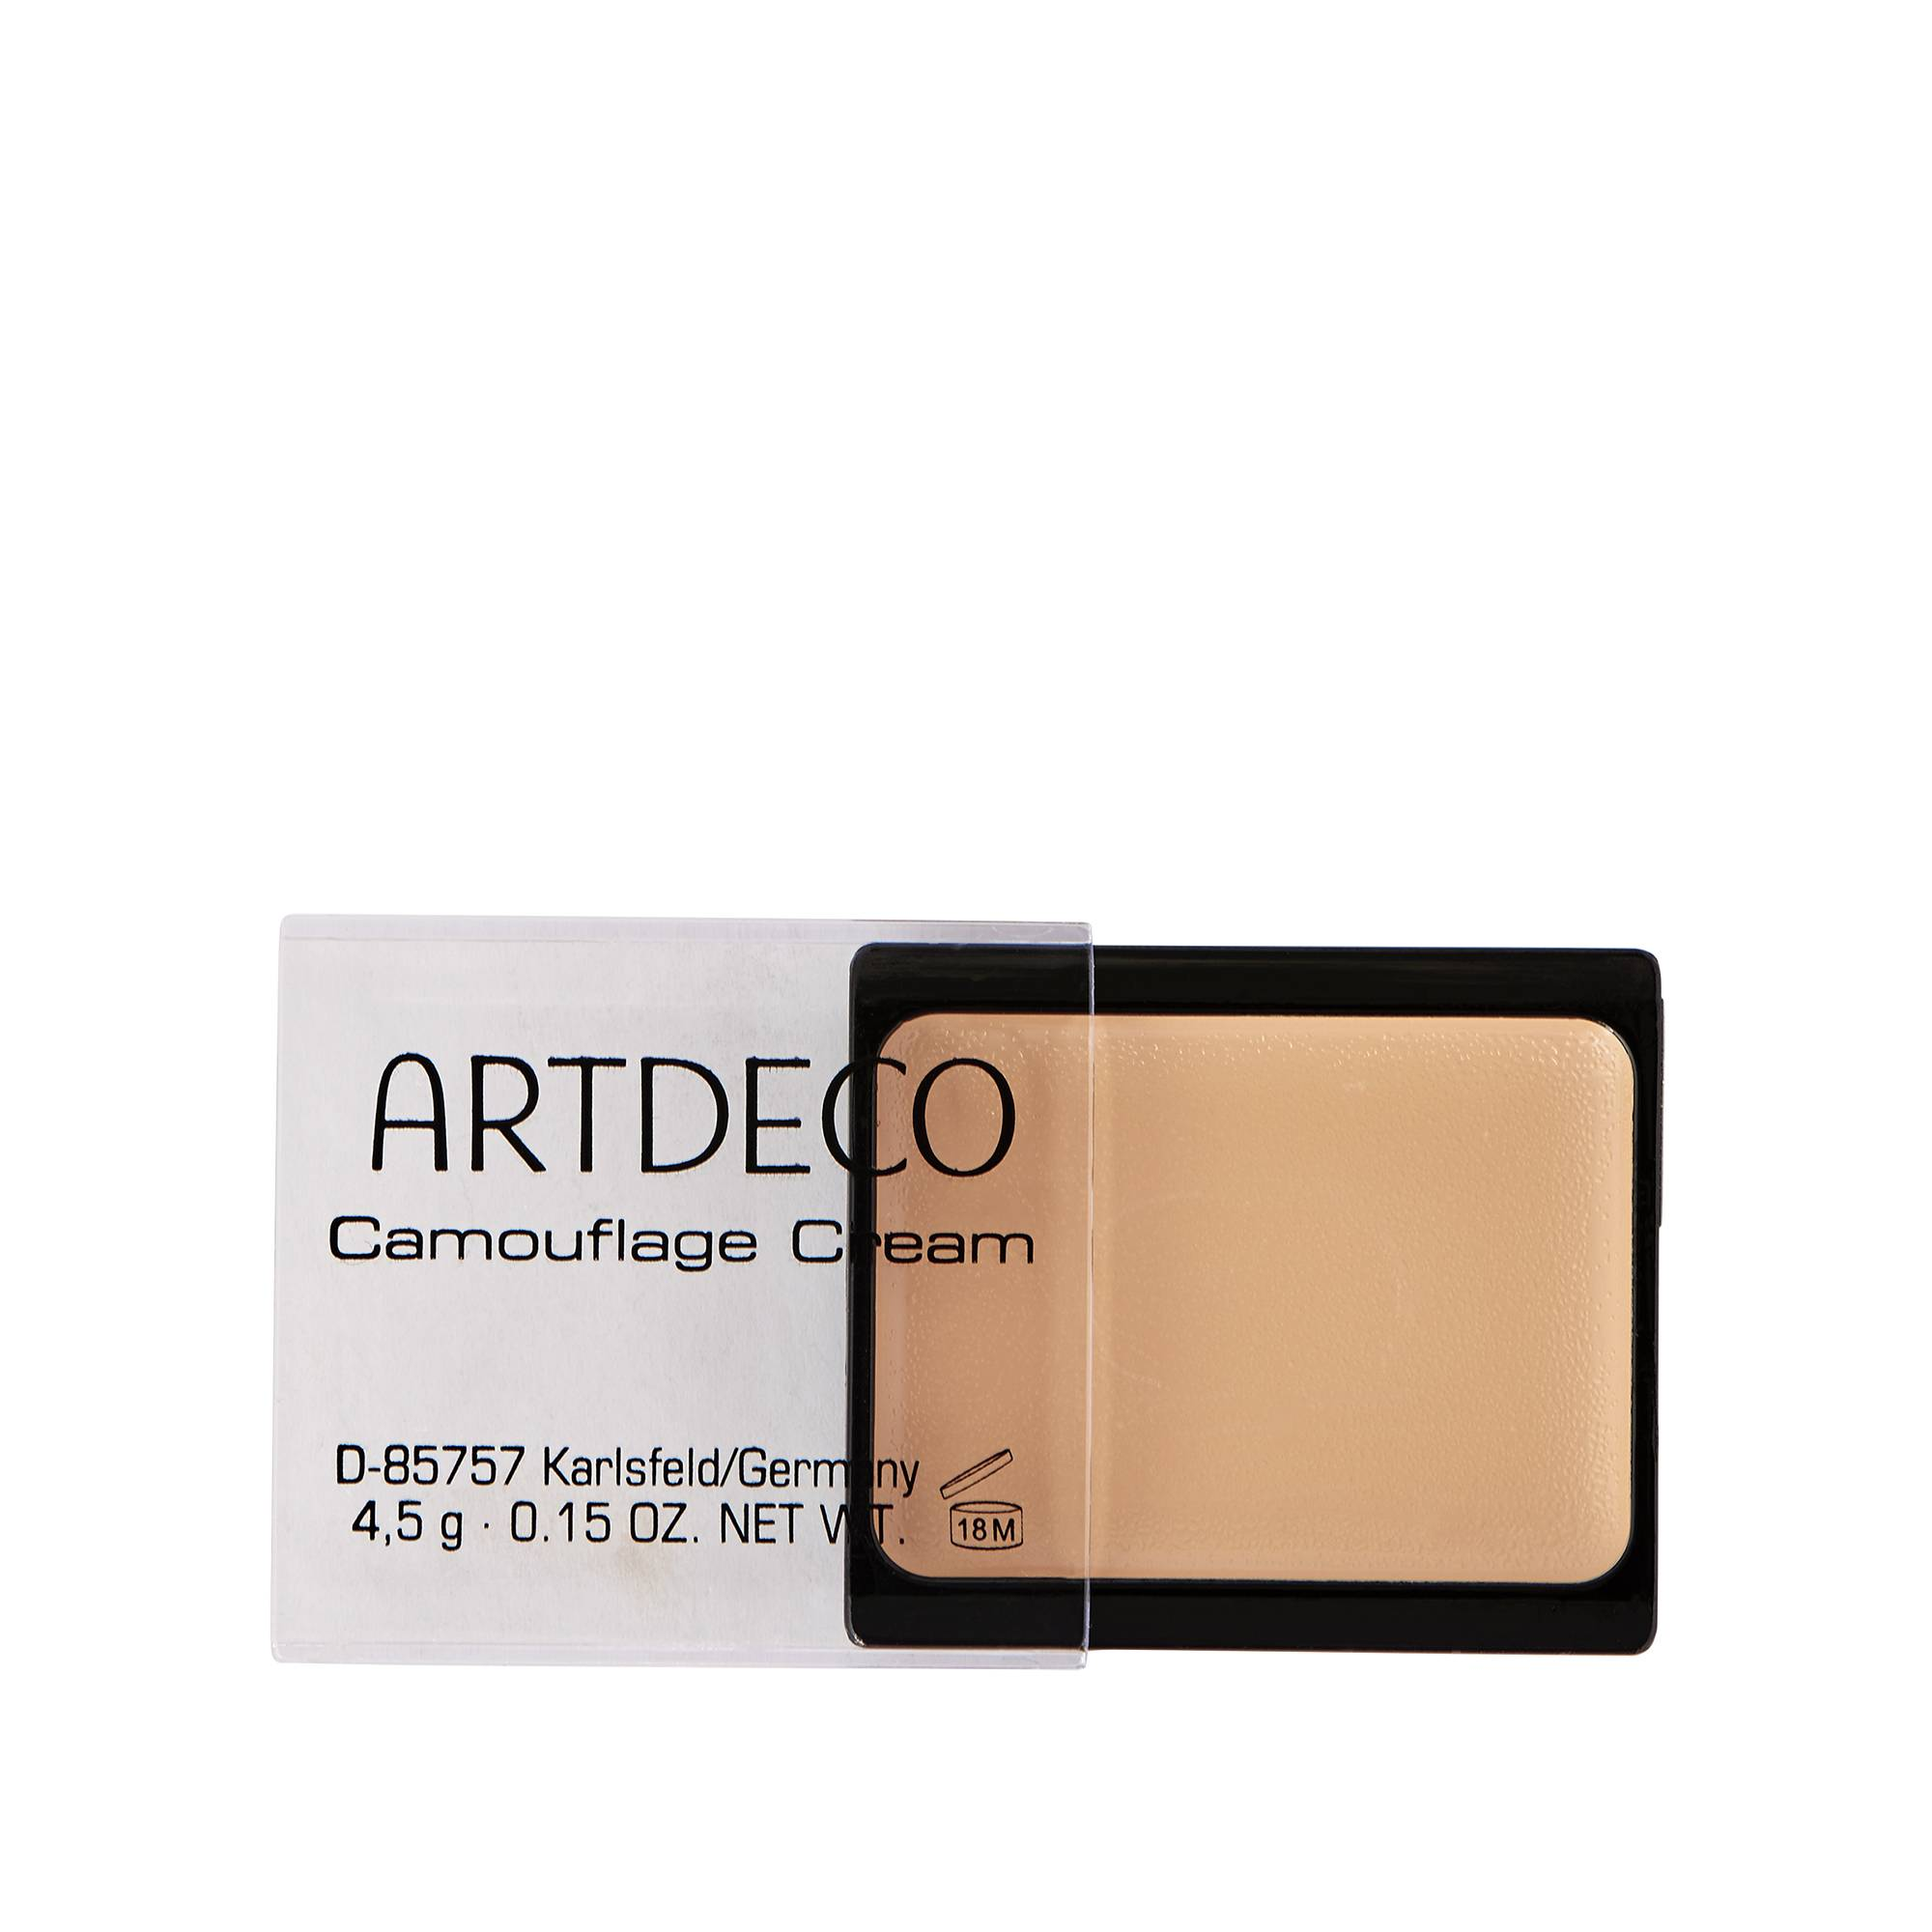 ARTDECO Crème camouflage 06 Sable du désert 08 Beige Apricot 4.5g